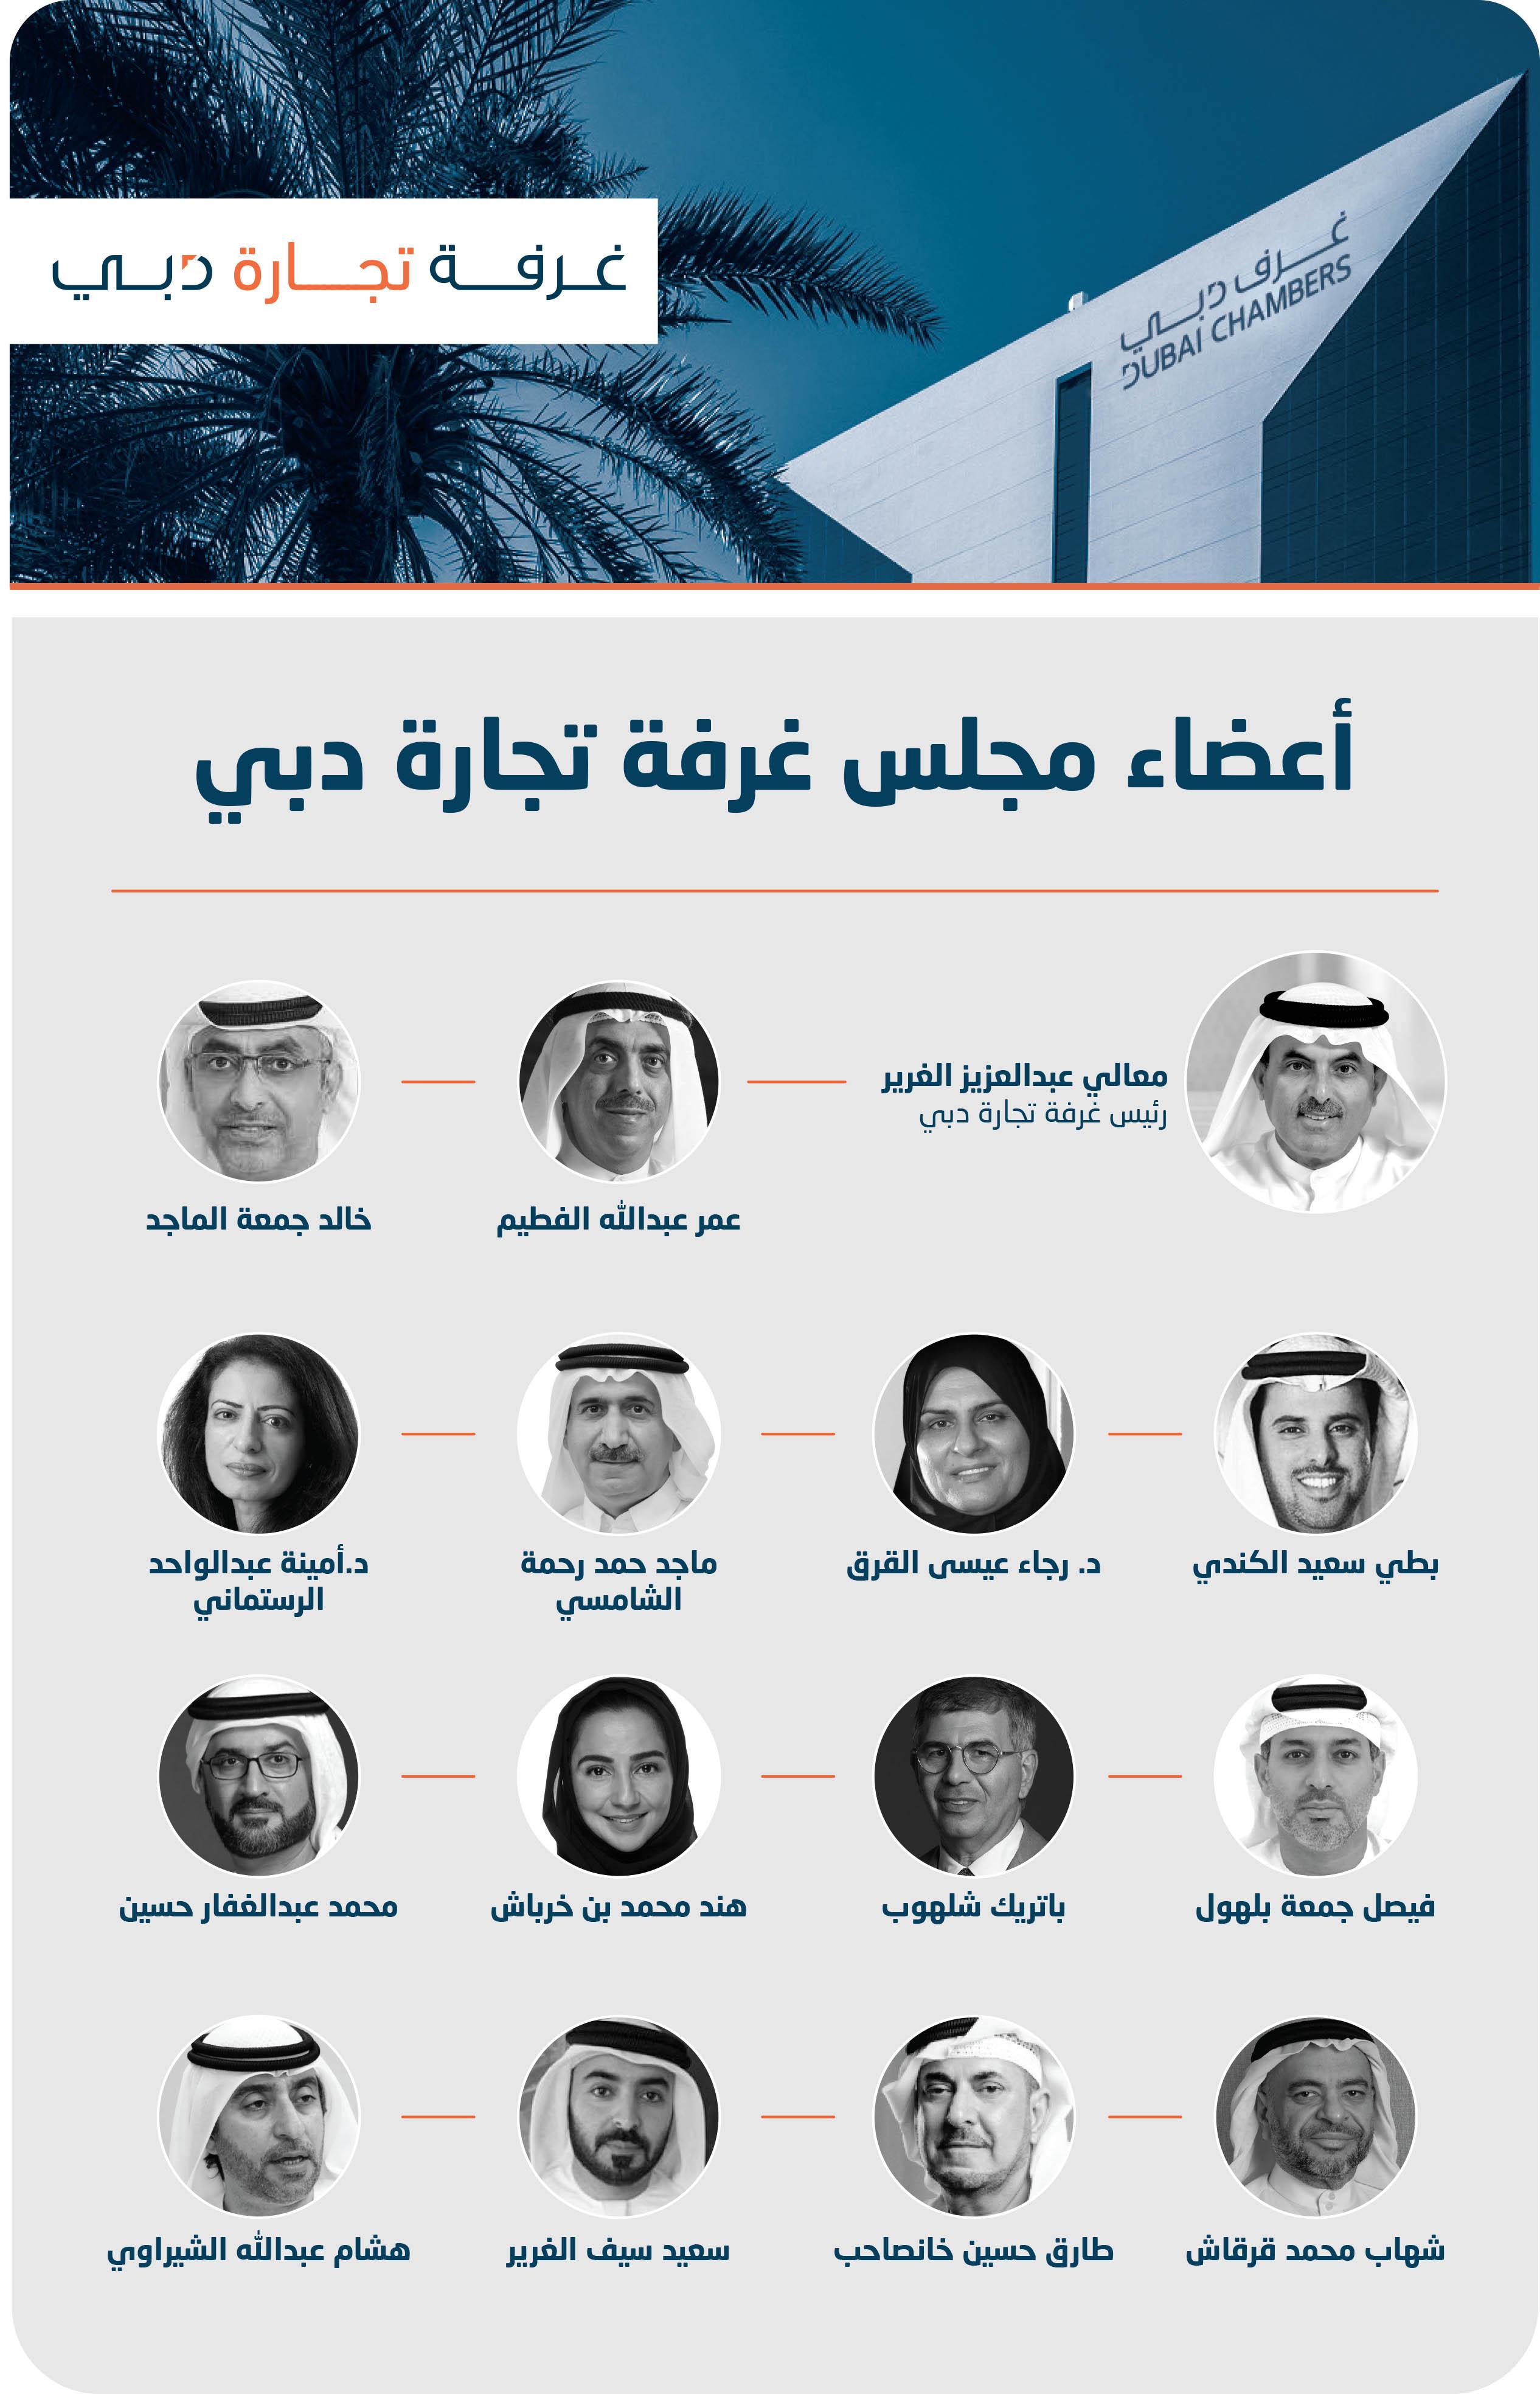 محمد بن راشد يعتمد مجلس الإدارة والمجلس الاستشاري لغرفة تجارة دبي ضمن غرف تجارة دبي الثلاث بعد الهيكلة الجديدة